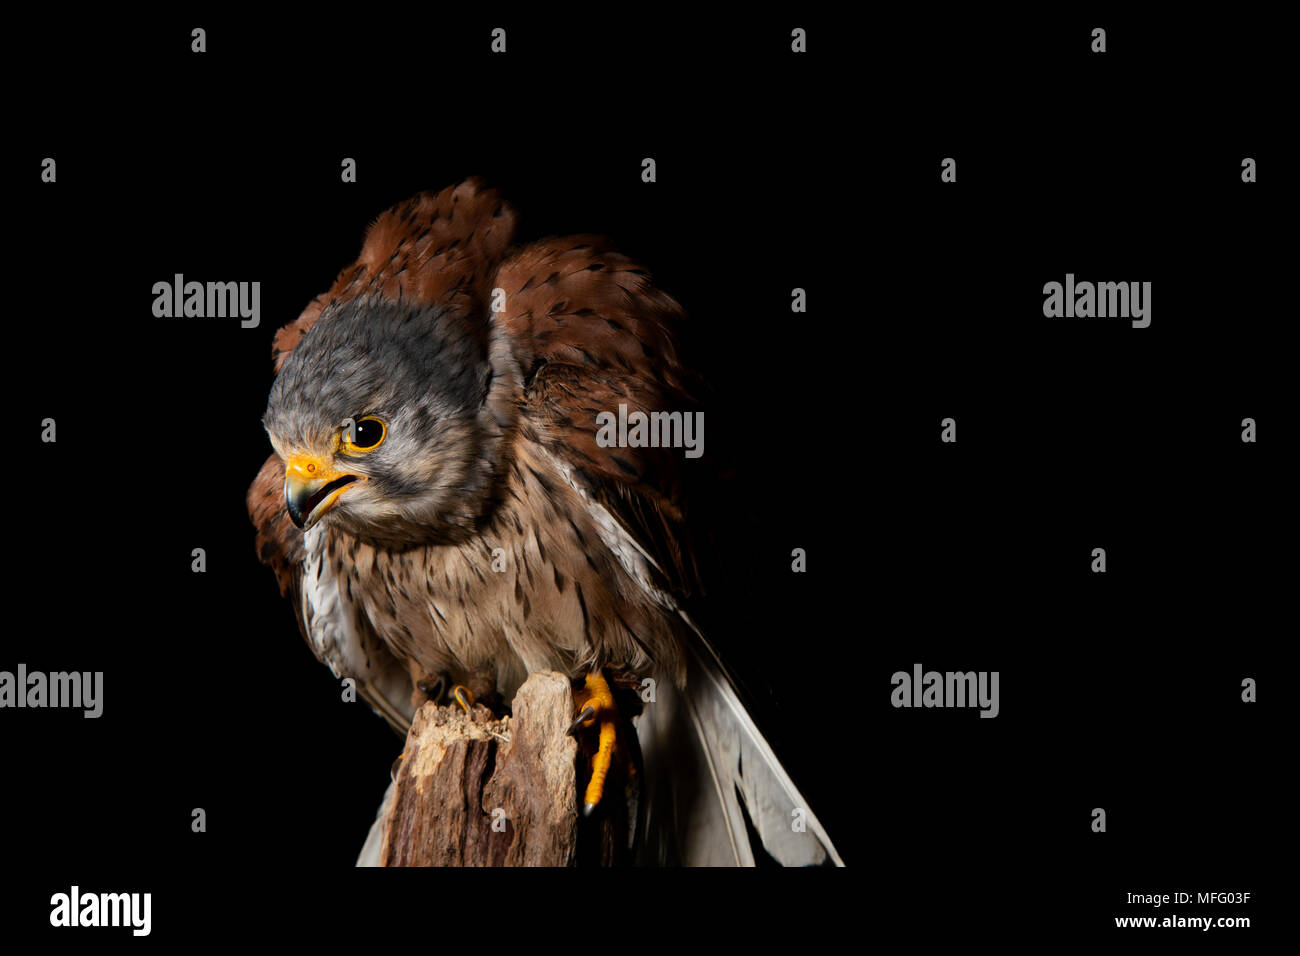 Amercian kestlrel in a studio shoot - Stock Image